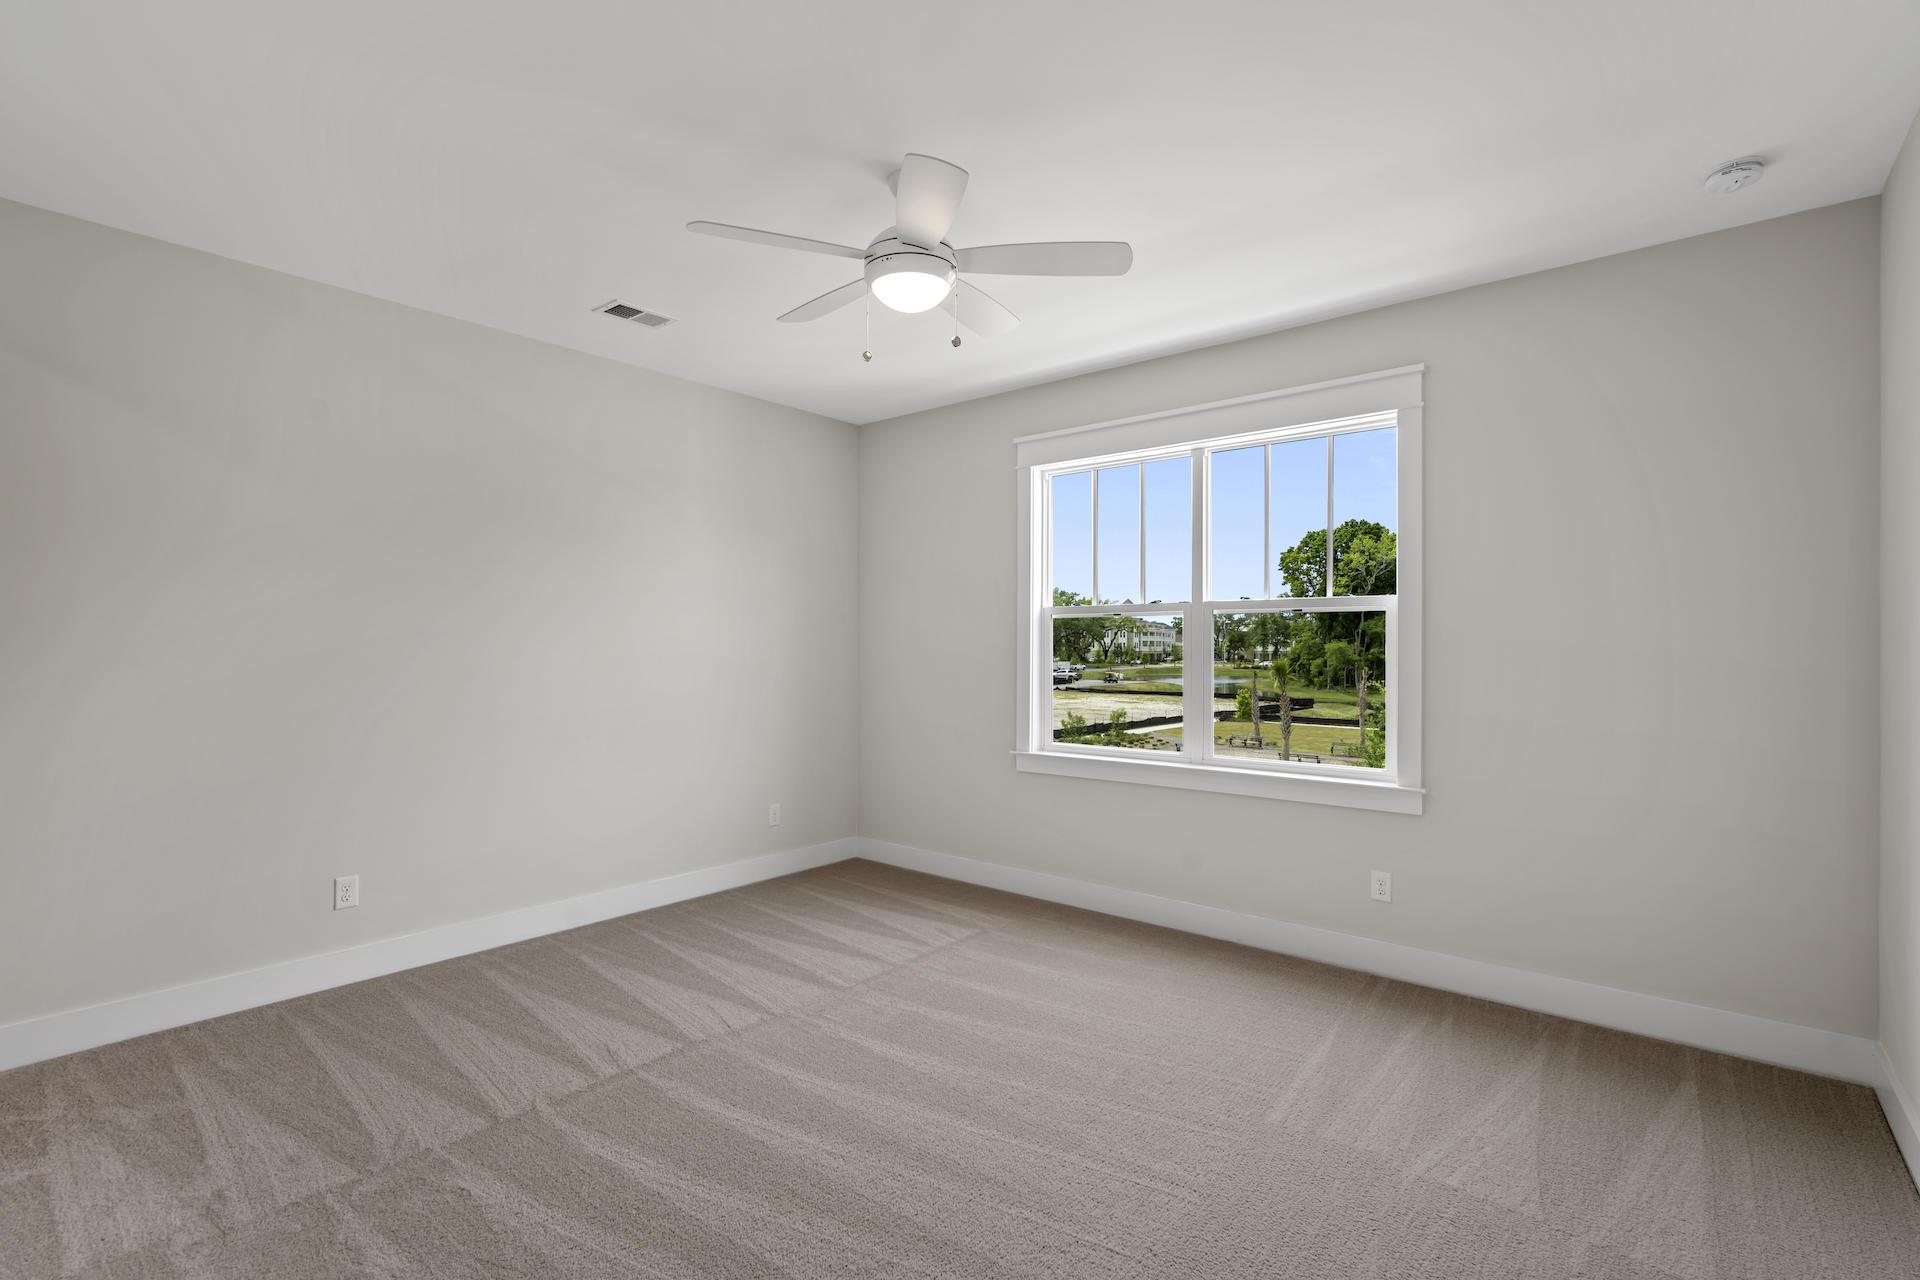 Midtown Homes For Sale - 1527 Low Park, Mount Pleasant, SC - 0